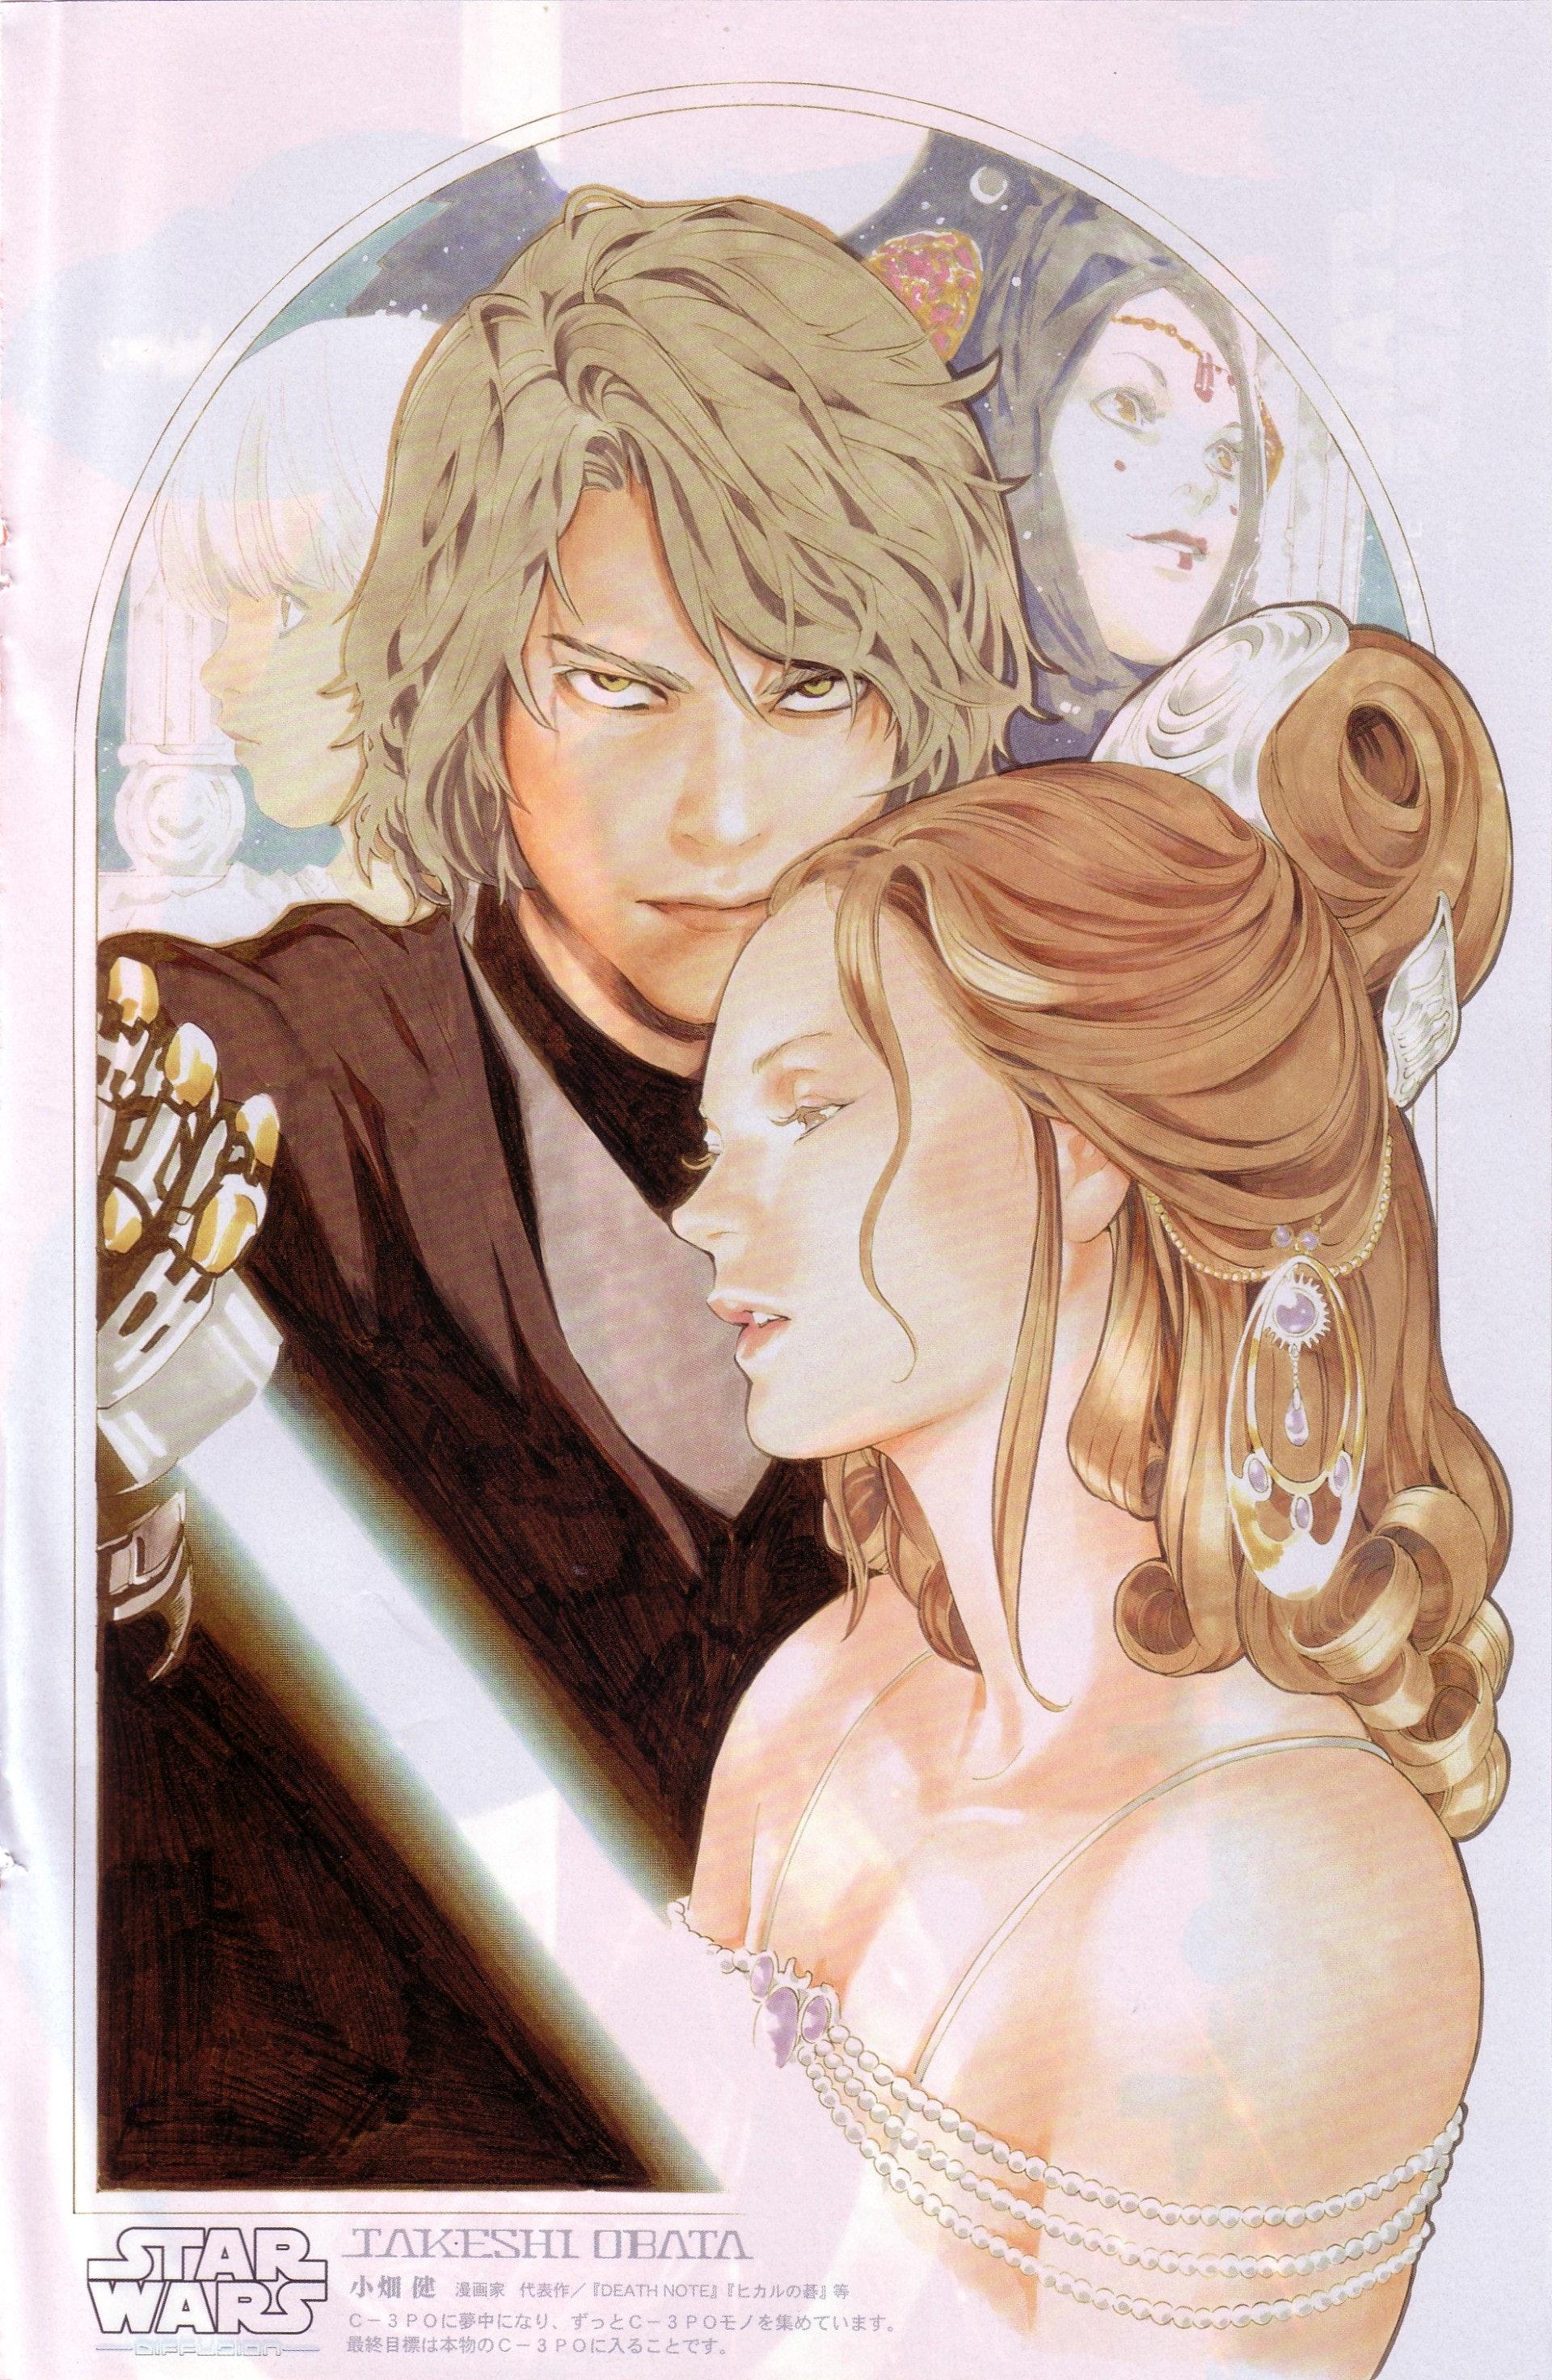 æªç¥å°çå¥ç¶å¹´çºãææ°åå³ãæç«çè¶å¯ç¾Anakin SkywalkeråPadmé彩繪æåæå¦å¨åå±ãNever Completeãéç¾ä¸äººç¼åï¼